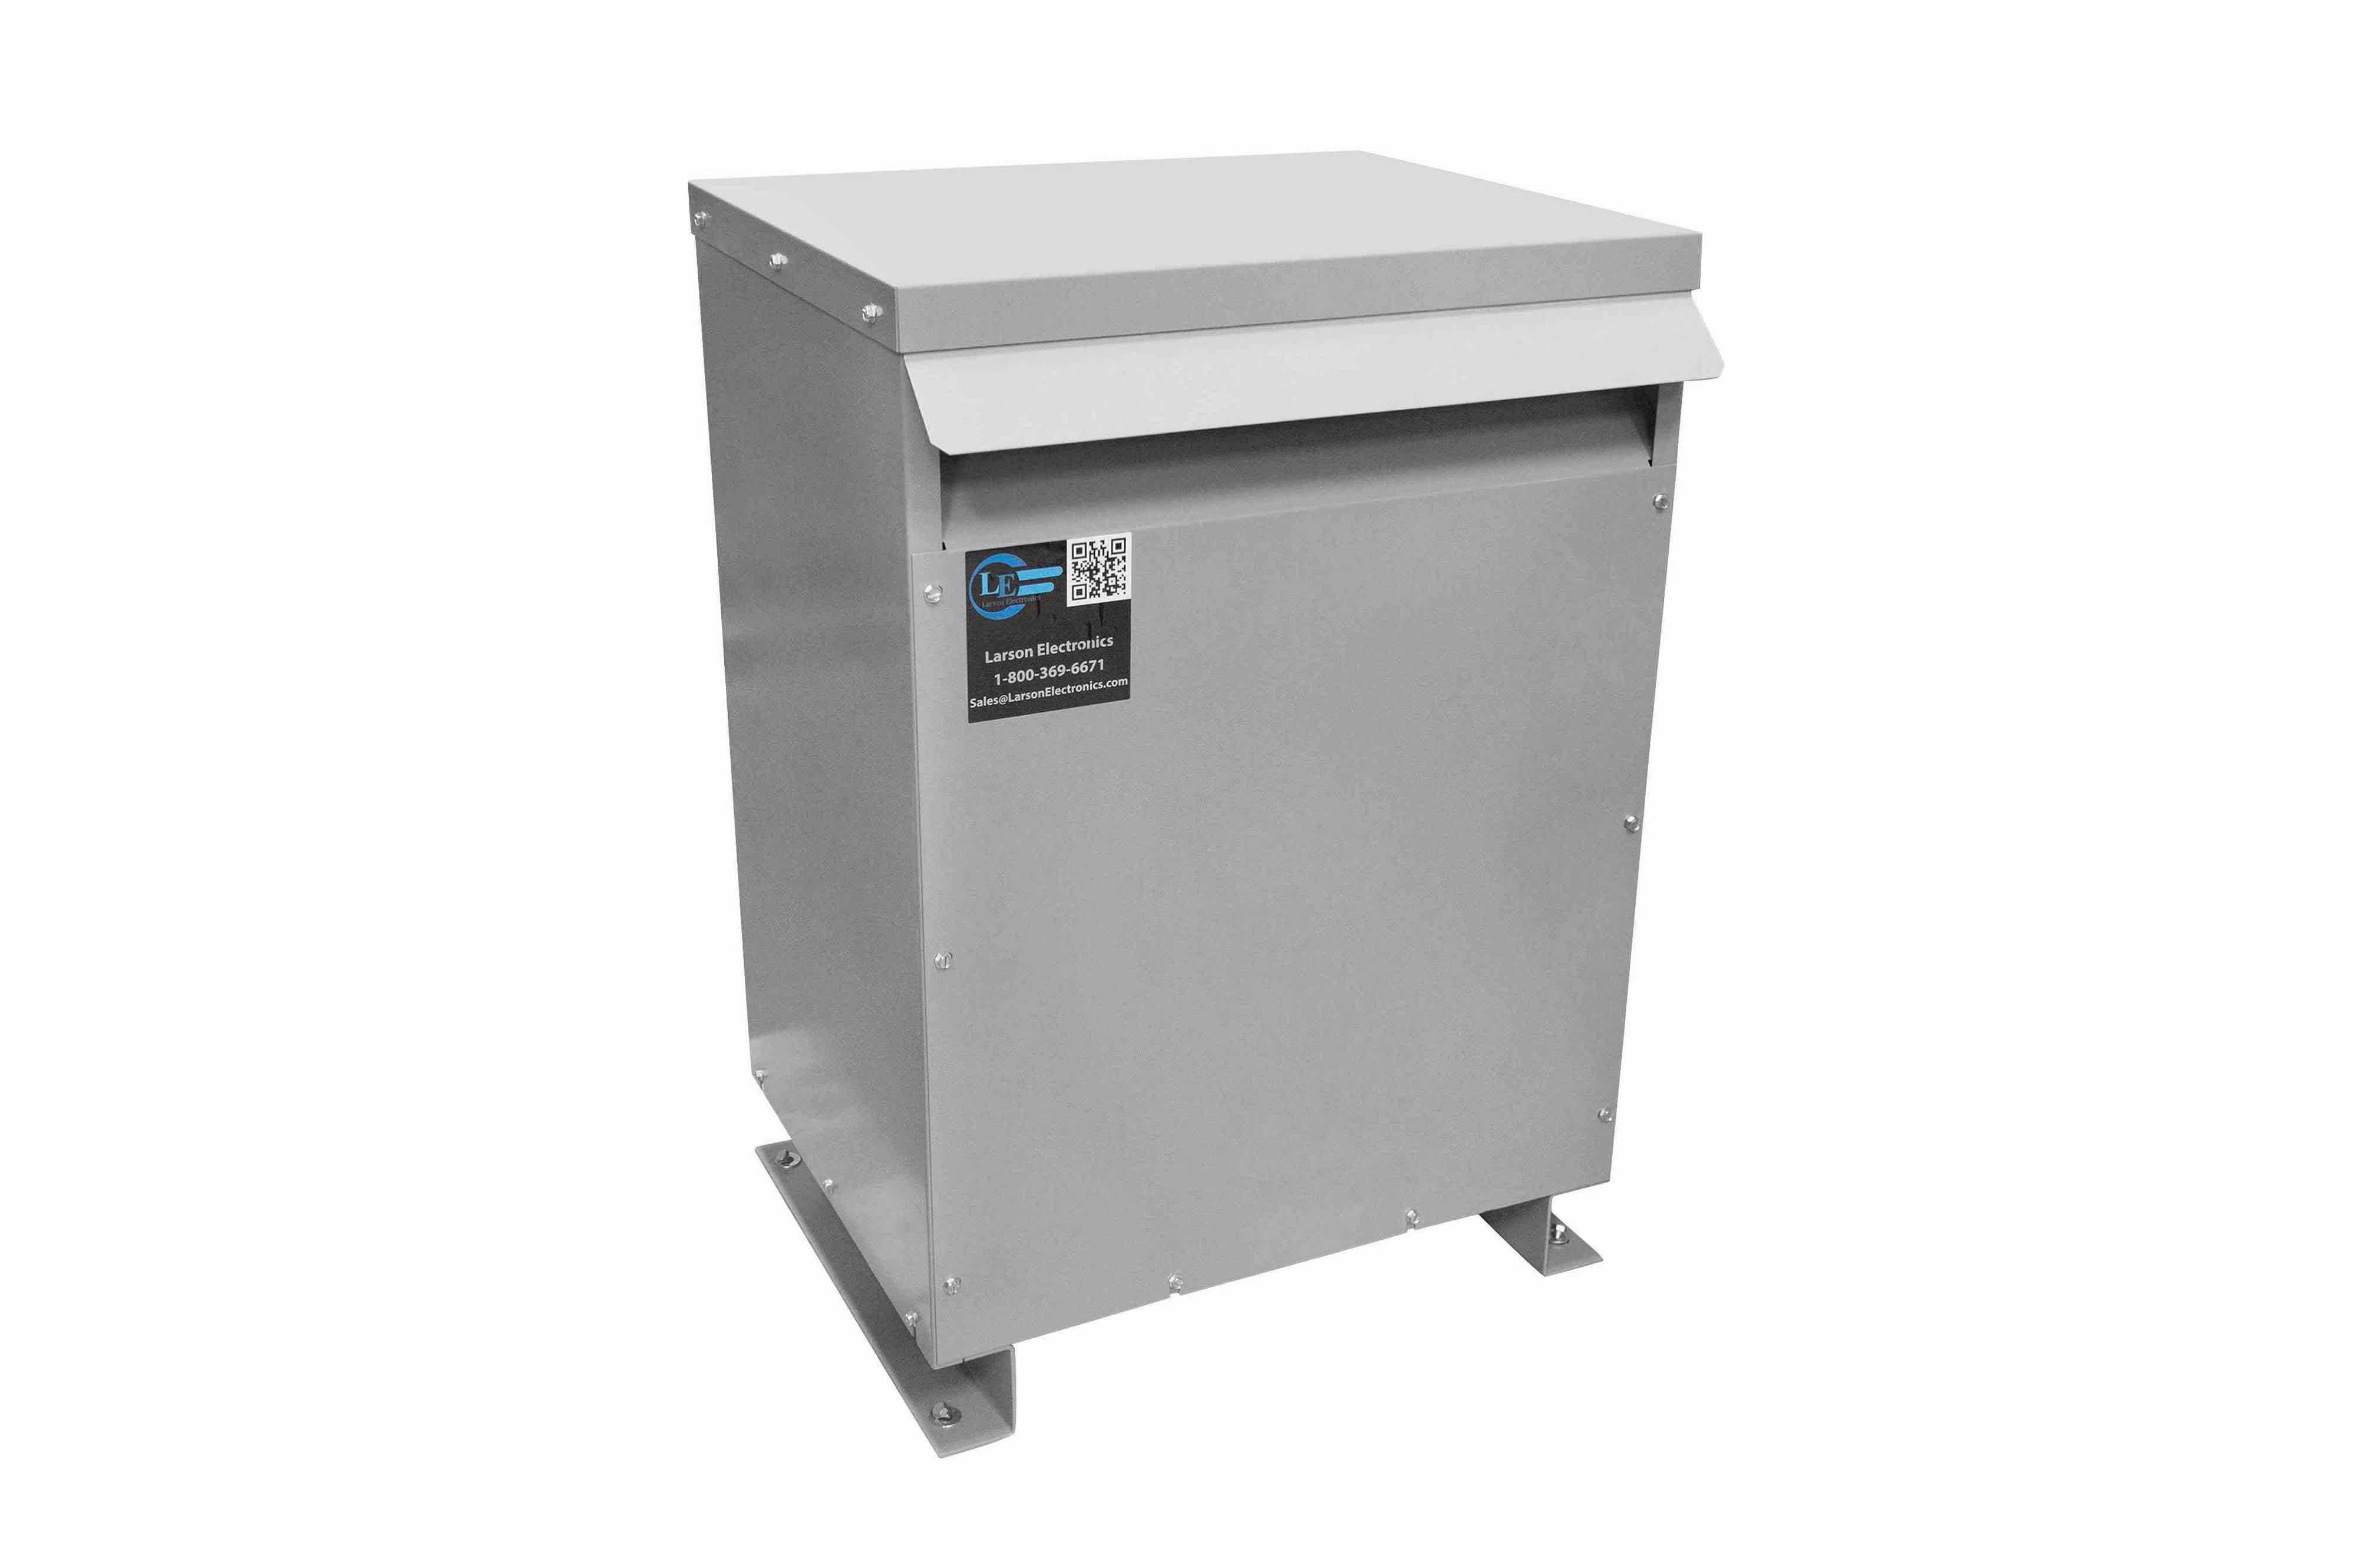 47.5 kVA 3PH Isolation Transformer, 600V Delta Primary, 400V Delta Secondary, N3R, Ventilated, 60 Hz